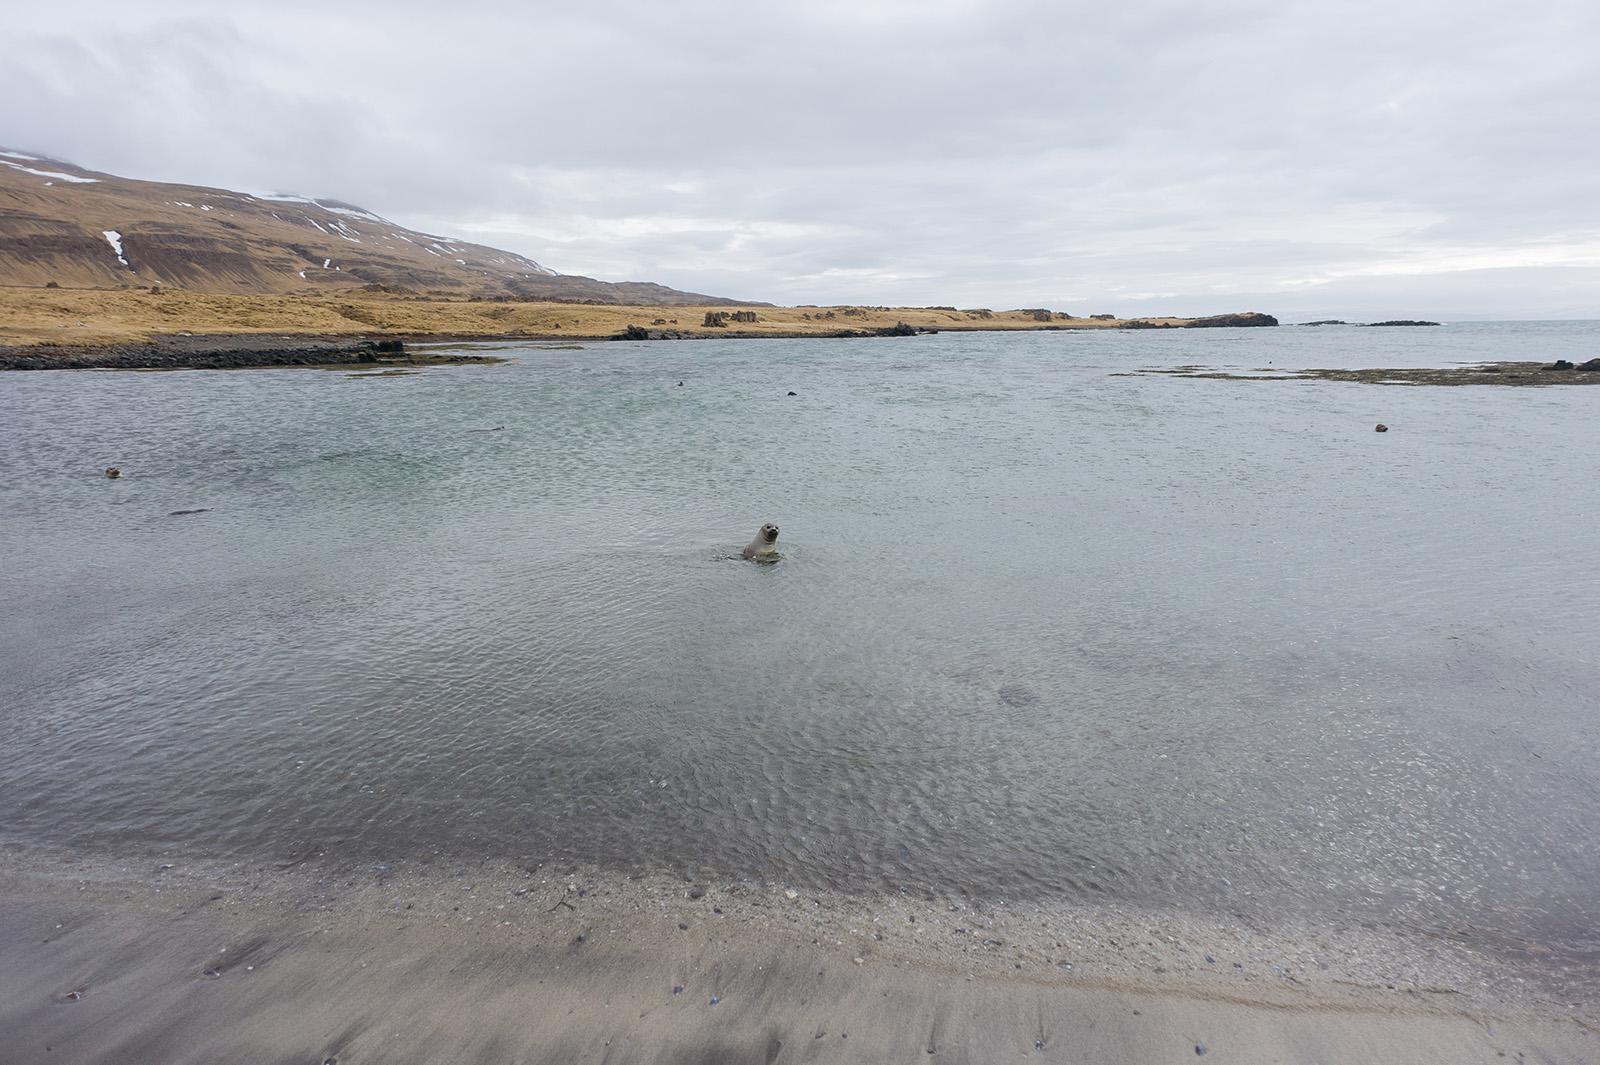 Norðurland vestra. Морские котики с интересом наблюдают за людьми с безопасного расстояния из воды.